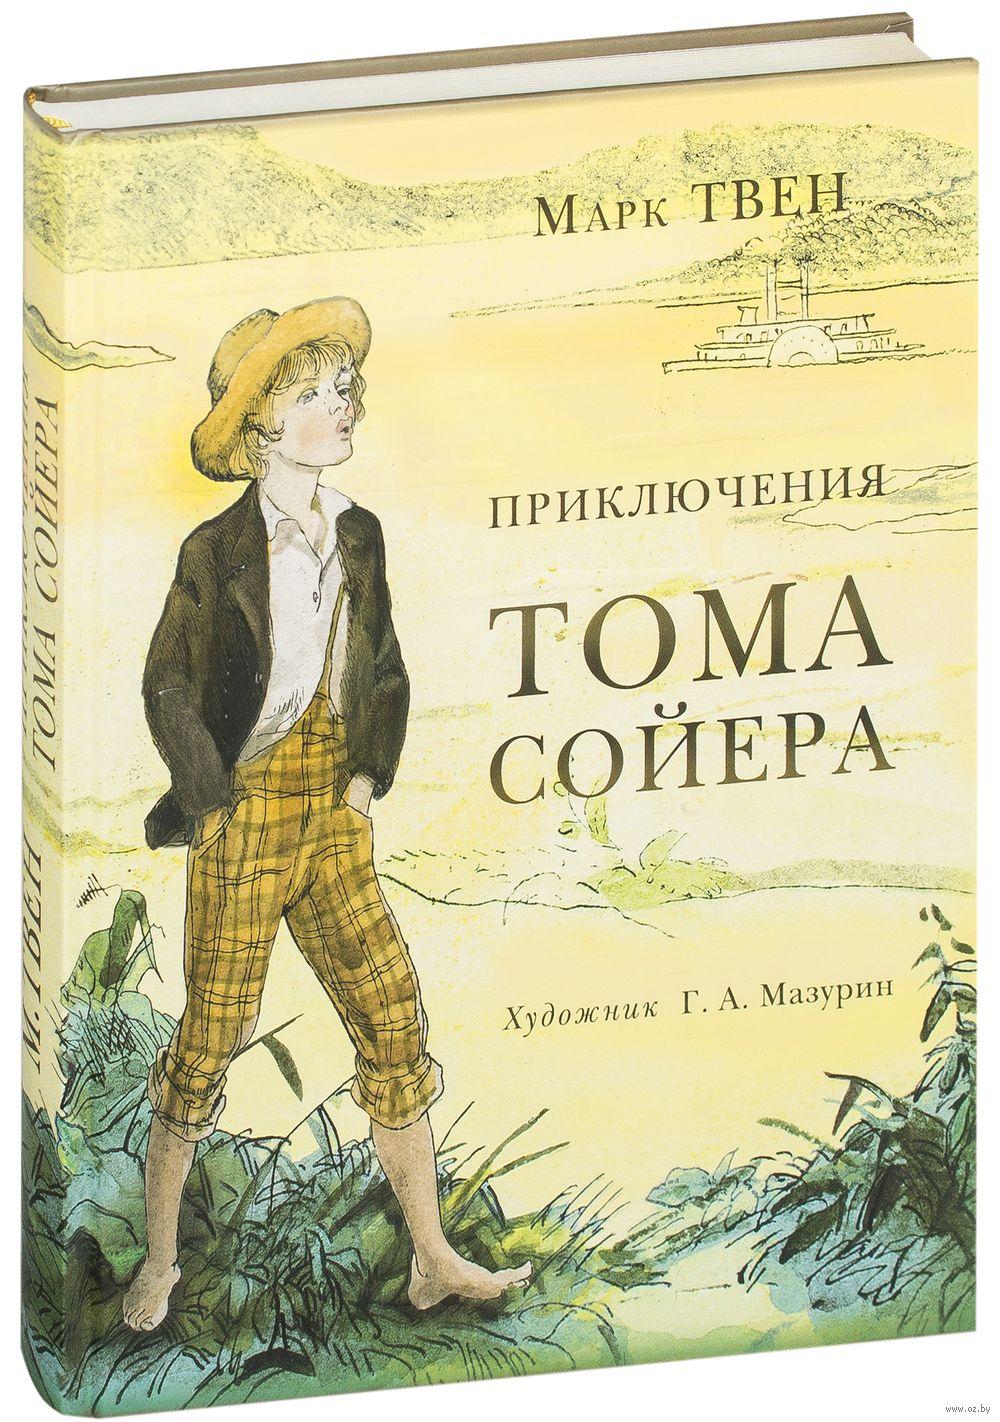 сойера марка приключения тома с твена знакомство произведением